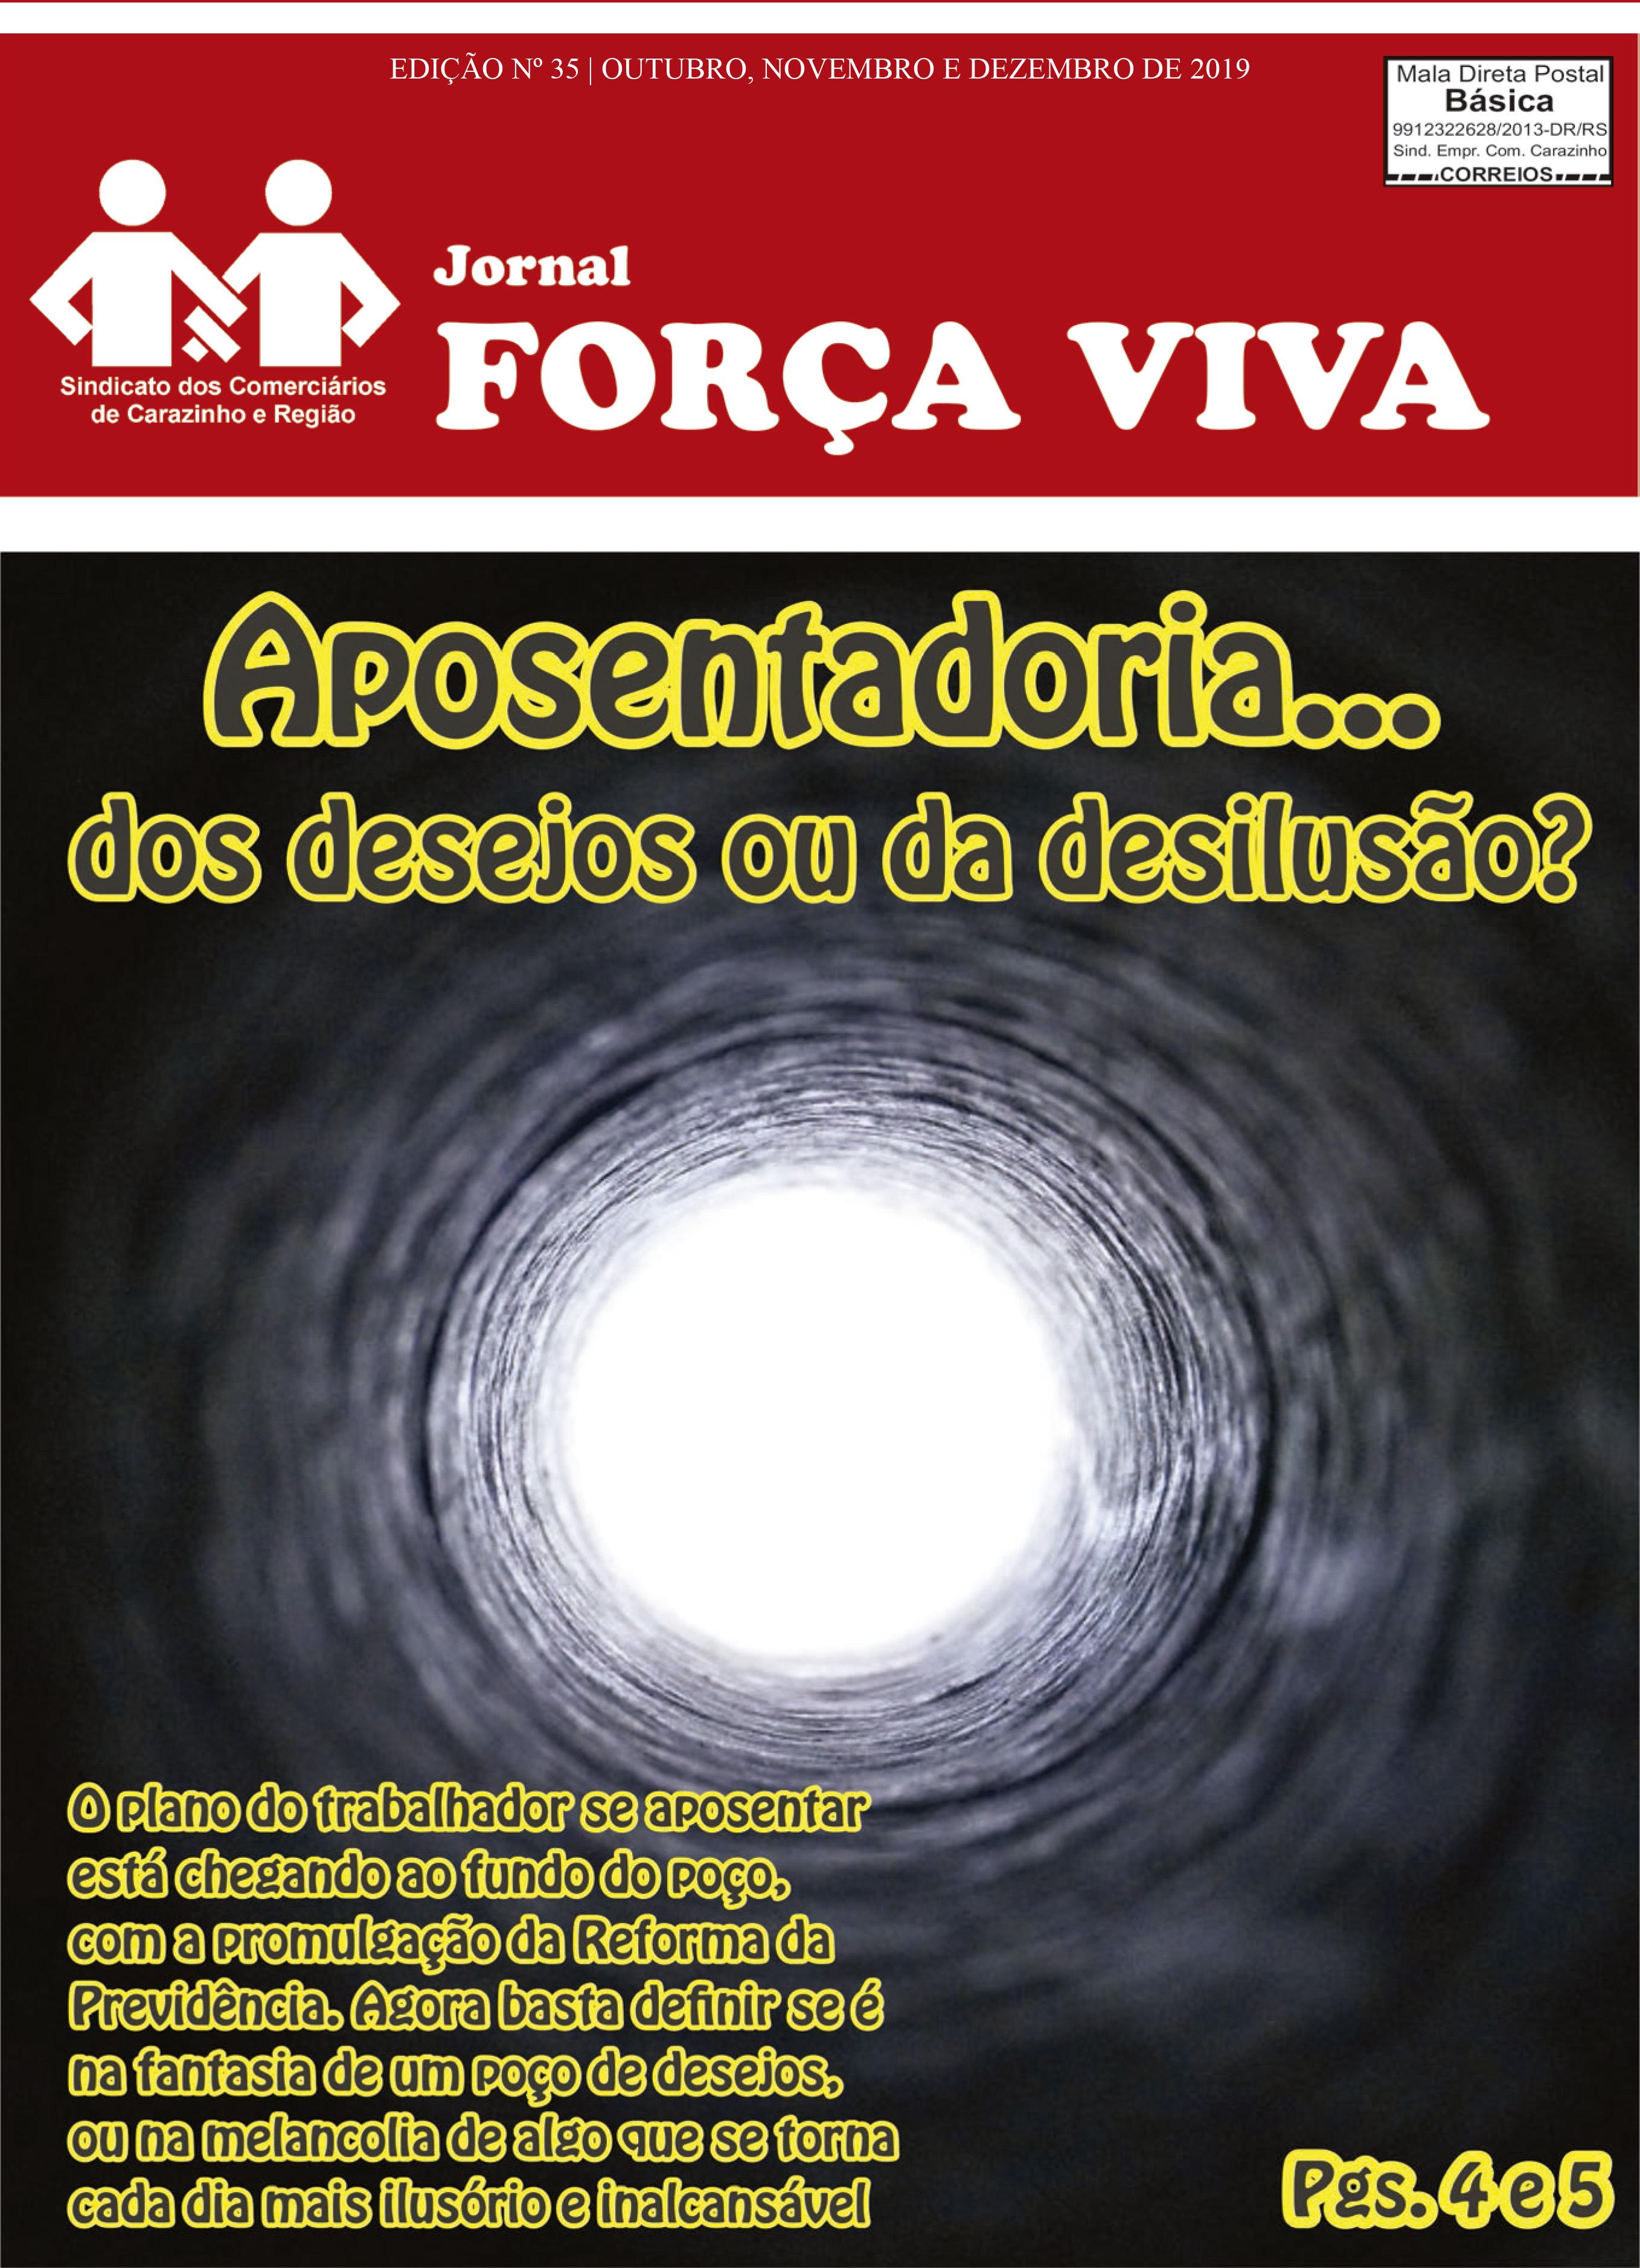 Edição 35, outubro, novembro e dezembro de 2019